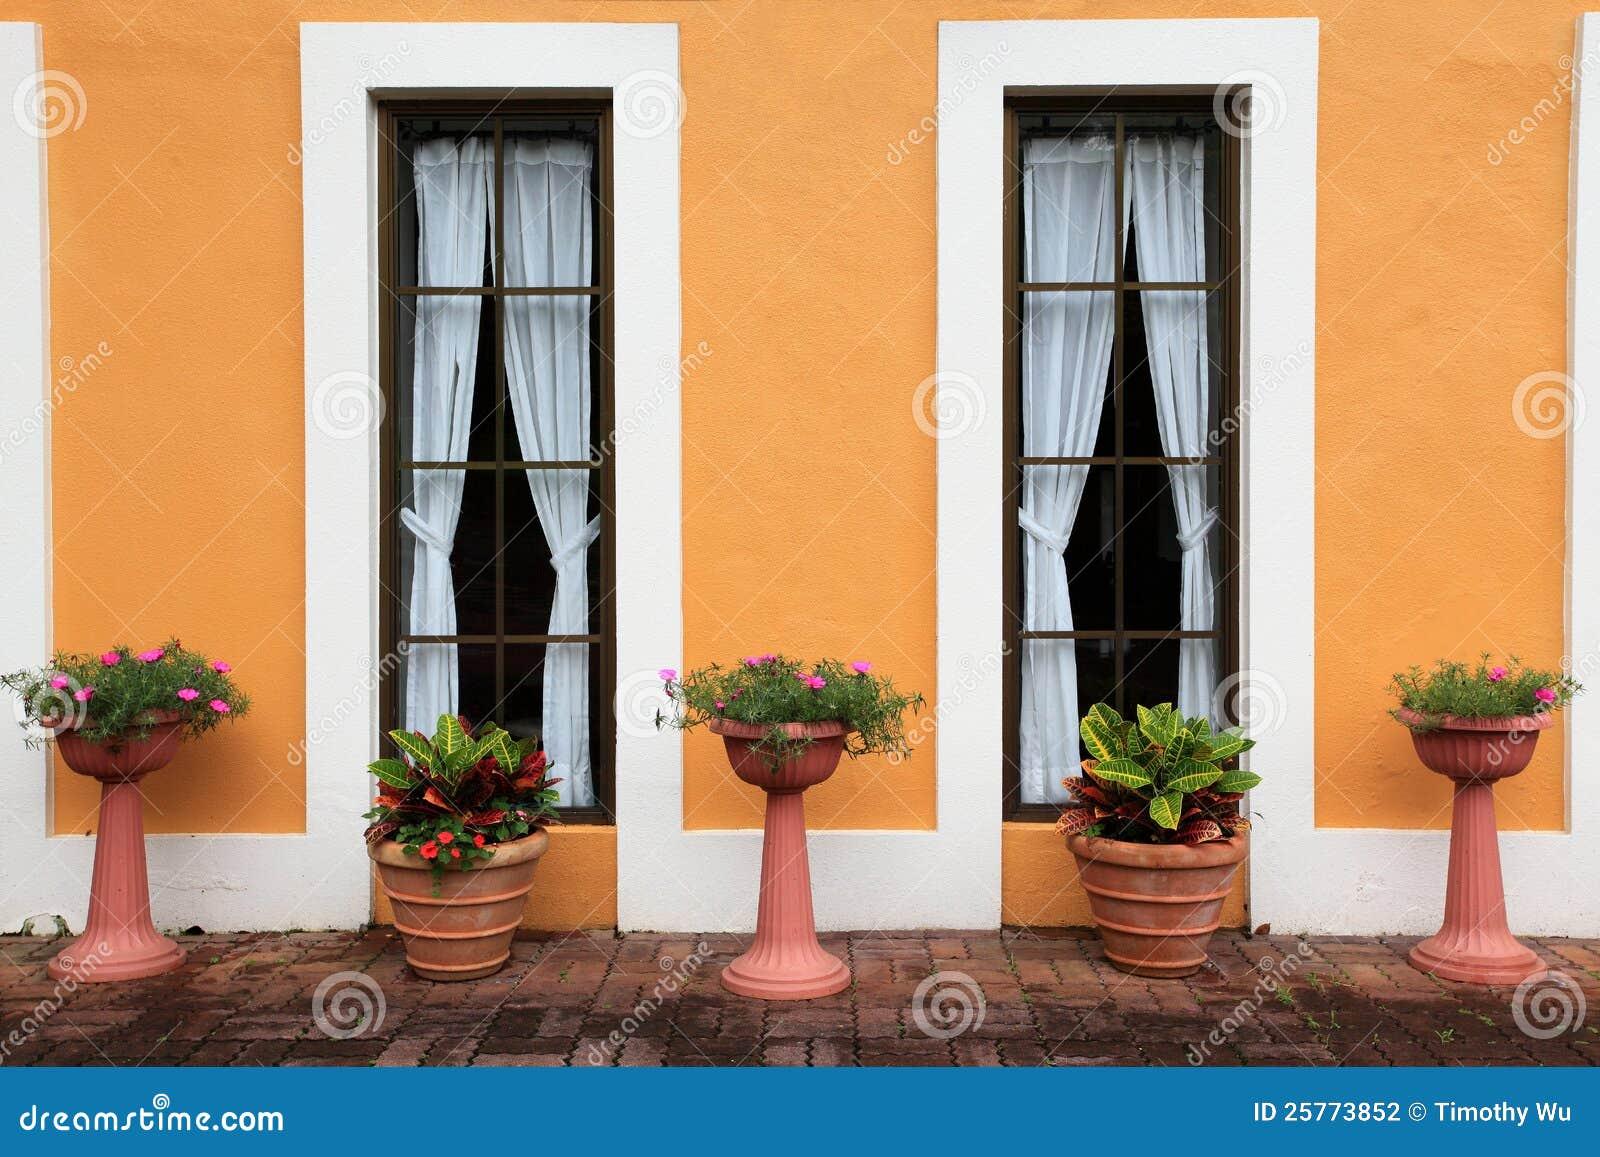 对称的落地长窗的花盆